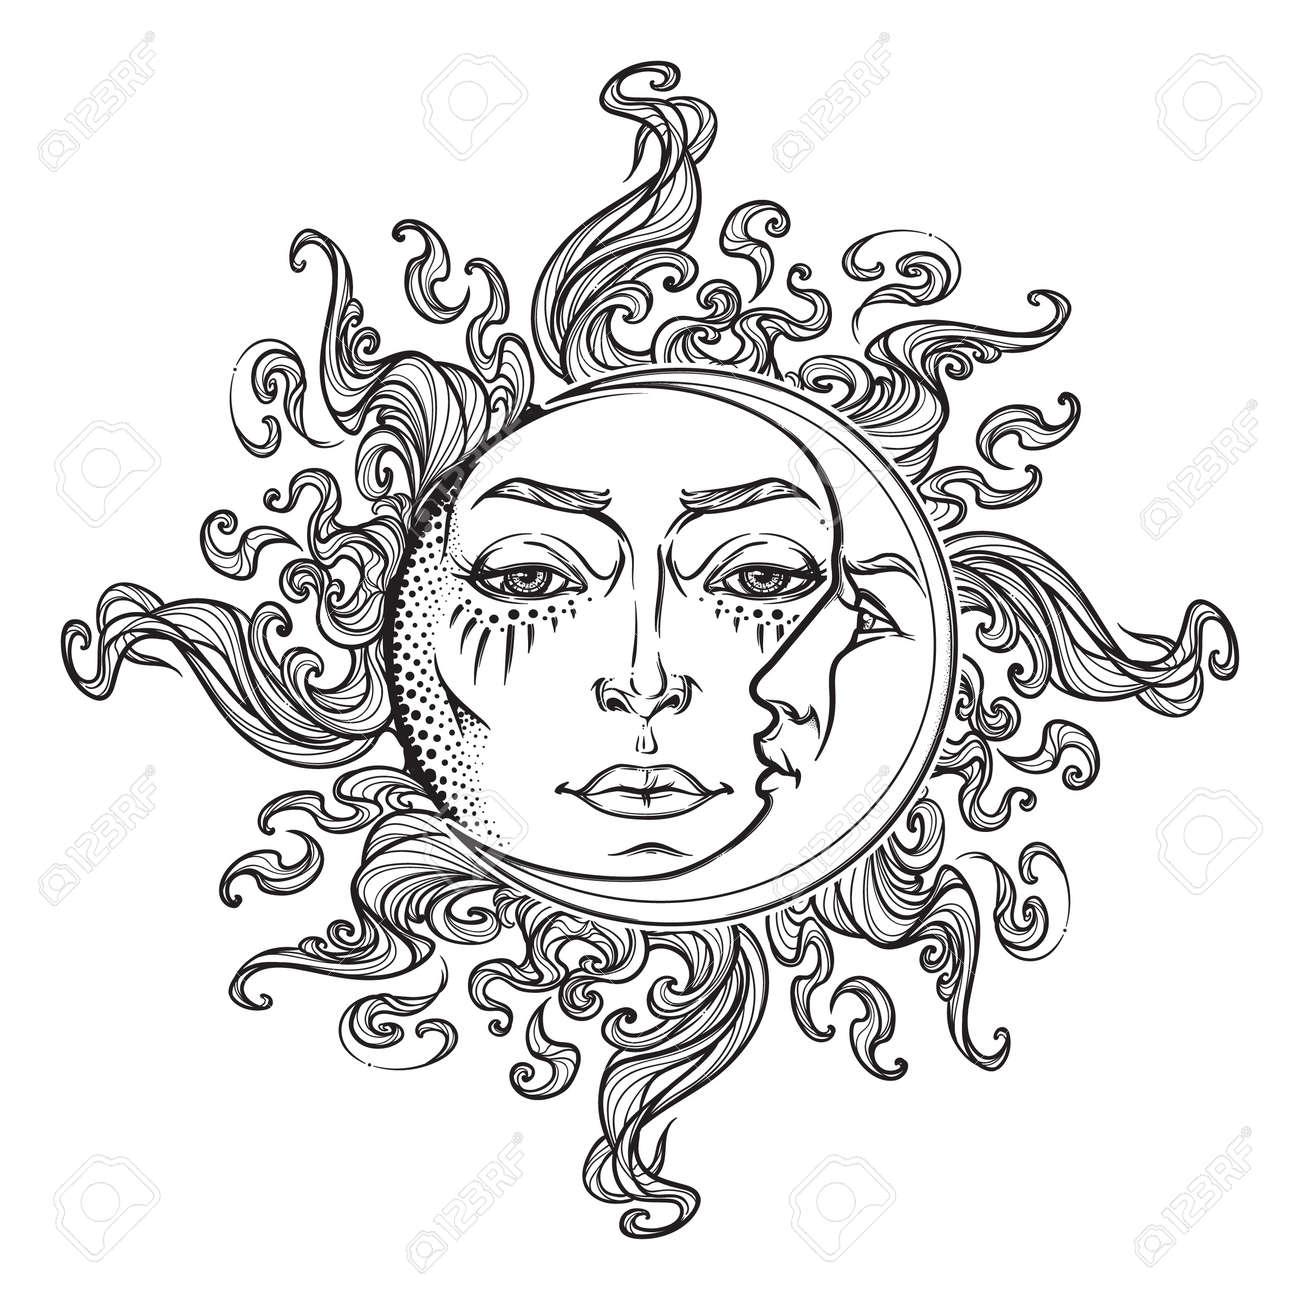 Style De Fantaisie Dessiné Par Le Soleil Et Le Croissant De Lune Avec Un Visage Humain élément Décoratif De Style Graphique Noir Et Blanc Pour